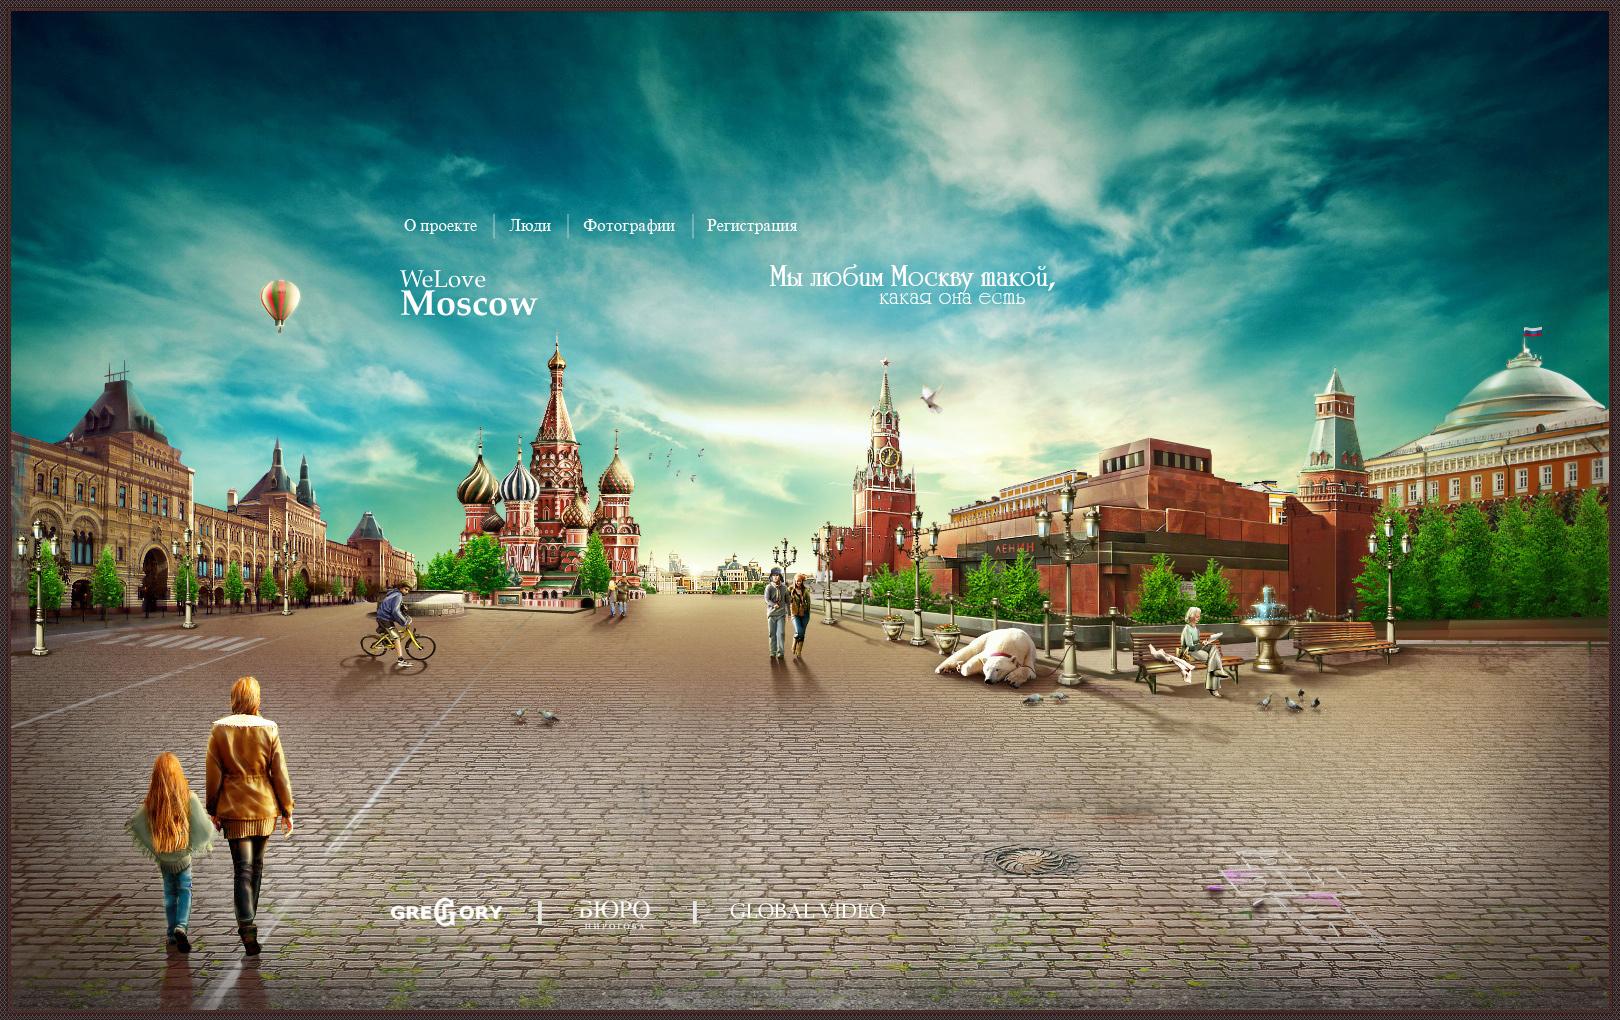 для Бюро Пирогова (www.welovemoscow.ru)